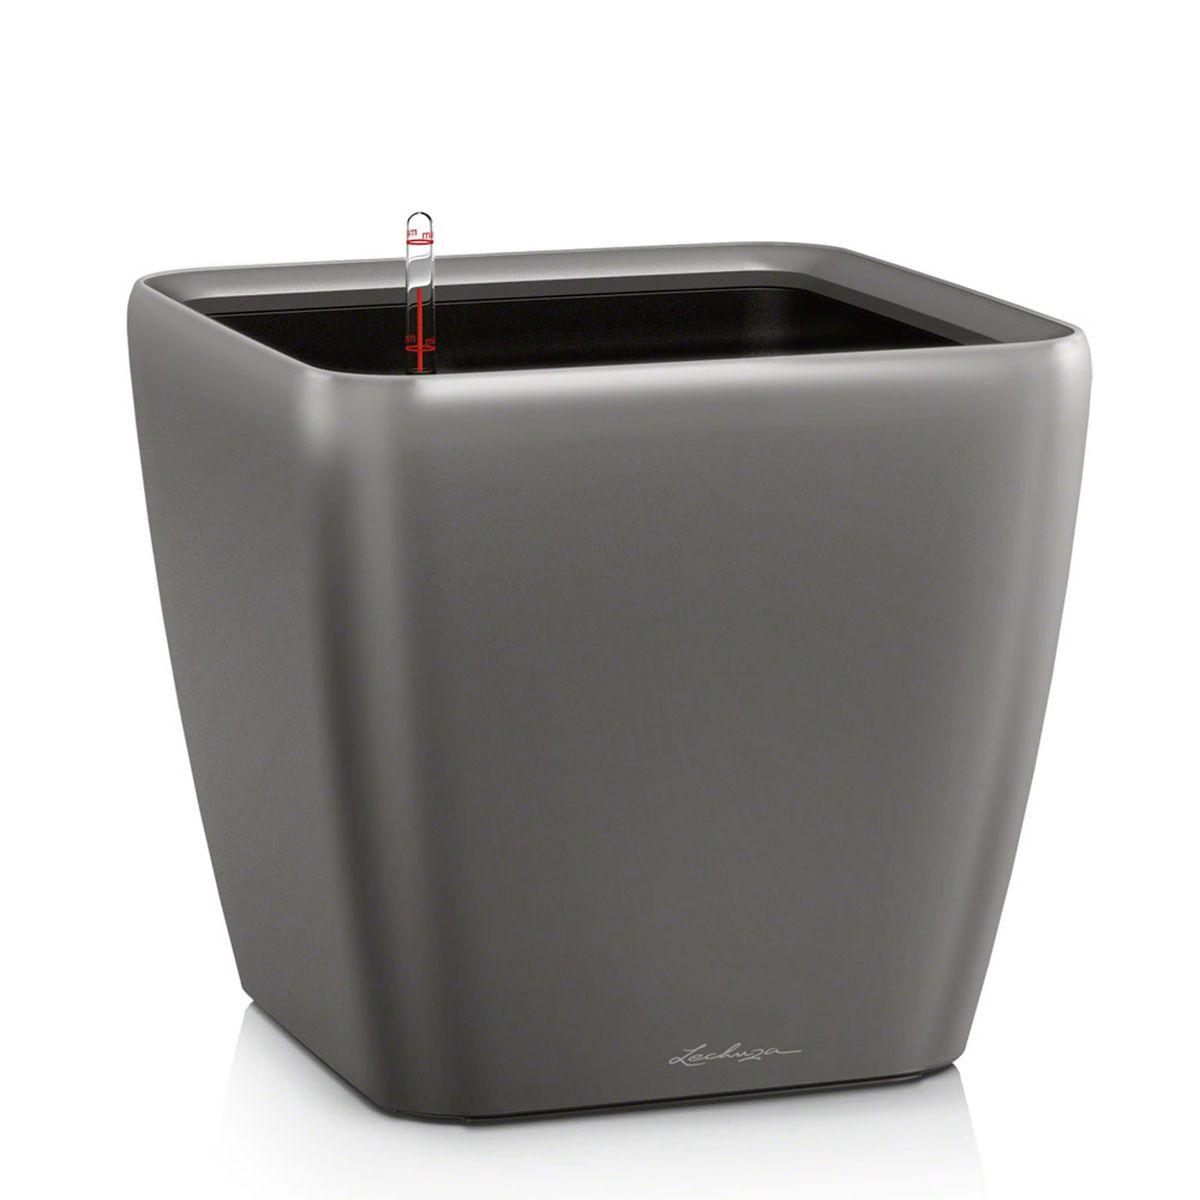 Кашпо Lechuza Quadro, с системой автополива, цвет: антрацит, 28 х 28 х 26 см18119Кашпо Lechuza Quadro, выполненное извысококачественного пластика, имеет уникальную системуавтополива, благодаря которой корневая система растениянепрерывно снабжается влагой из резервуара. Уровень водыв резервуаре контролируется с помощью специальногоиндикатора. В зависимости от размера кашпо и растенияводы хватает на 2-12 недель. Это способствует хорошему ростуцветов и предотвращает переувлажнение. В набор входит: кашпо, внутренний горшок с выдвижнойэргономичной ручкой, индикатор уровня воды, вал подачиводы, субстрат растений в качестве дренажного слоя,резервуар для воды. Кашпо Lechuza Quadro прекрасно впишется в любойинтерьер. Оно поможет расставить нужные акценты, а такжепридаст помещению вид, соответствующий вашимпредставлениям.